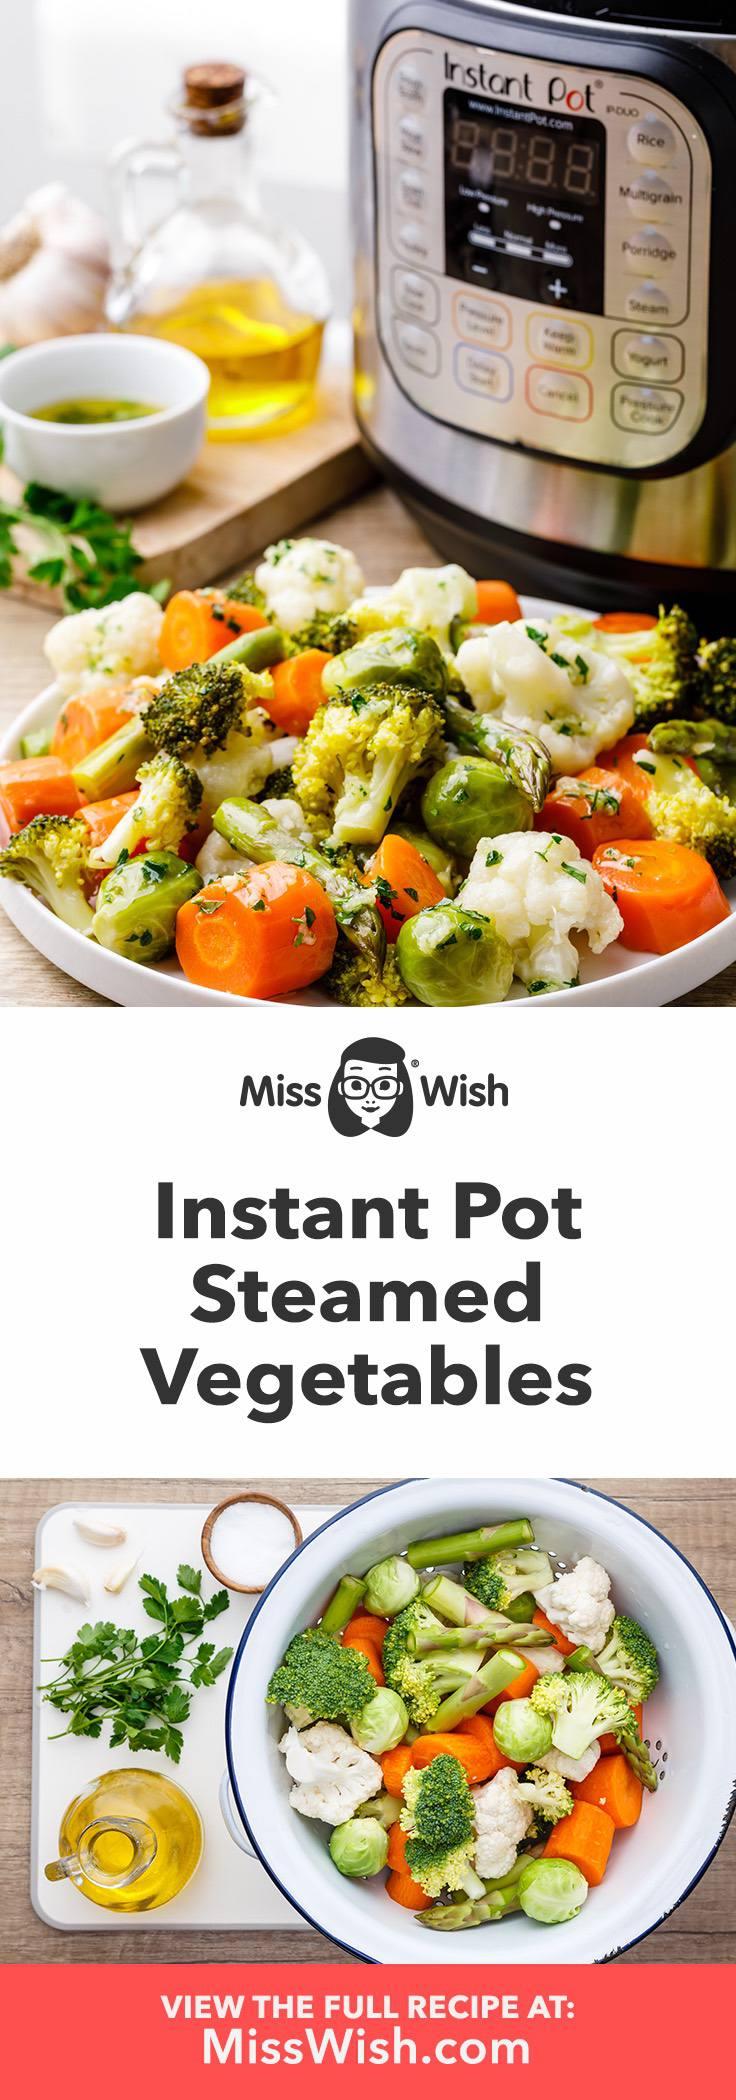 Easy Instant Pot Steamed Vegetables